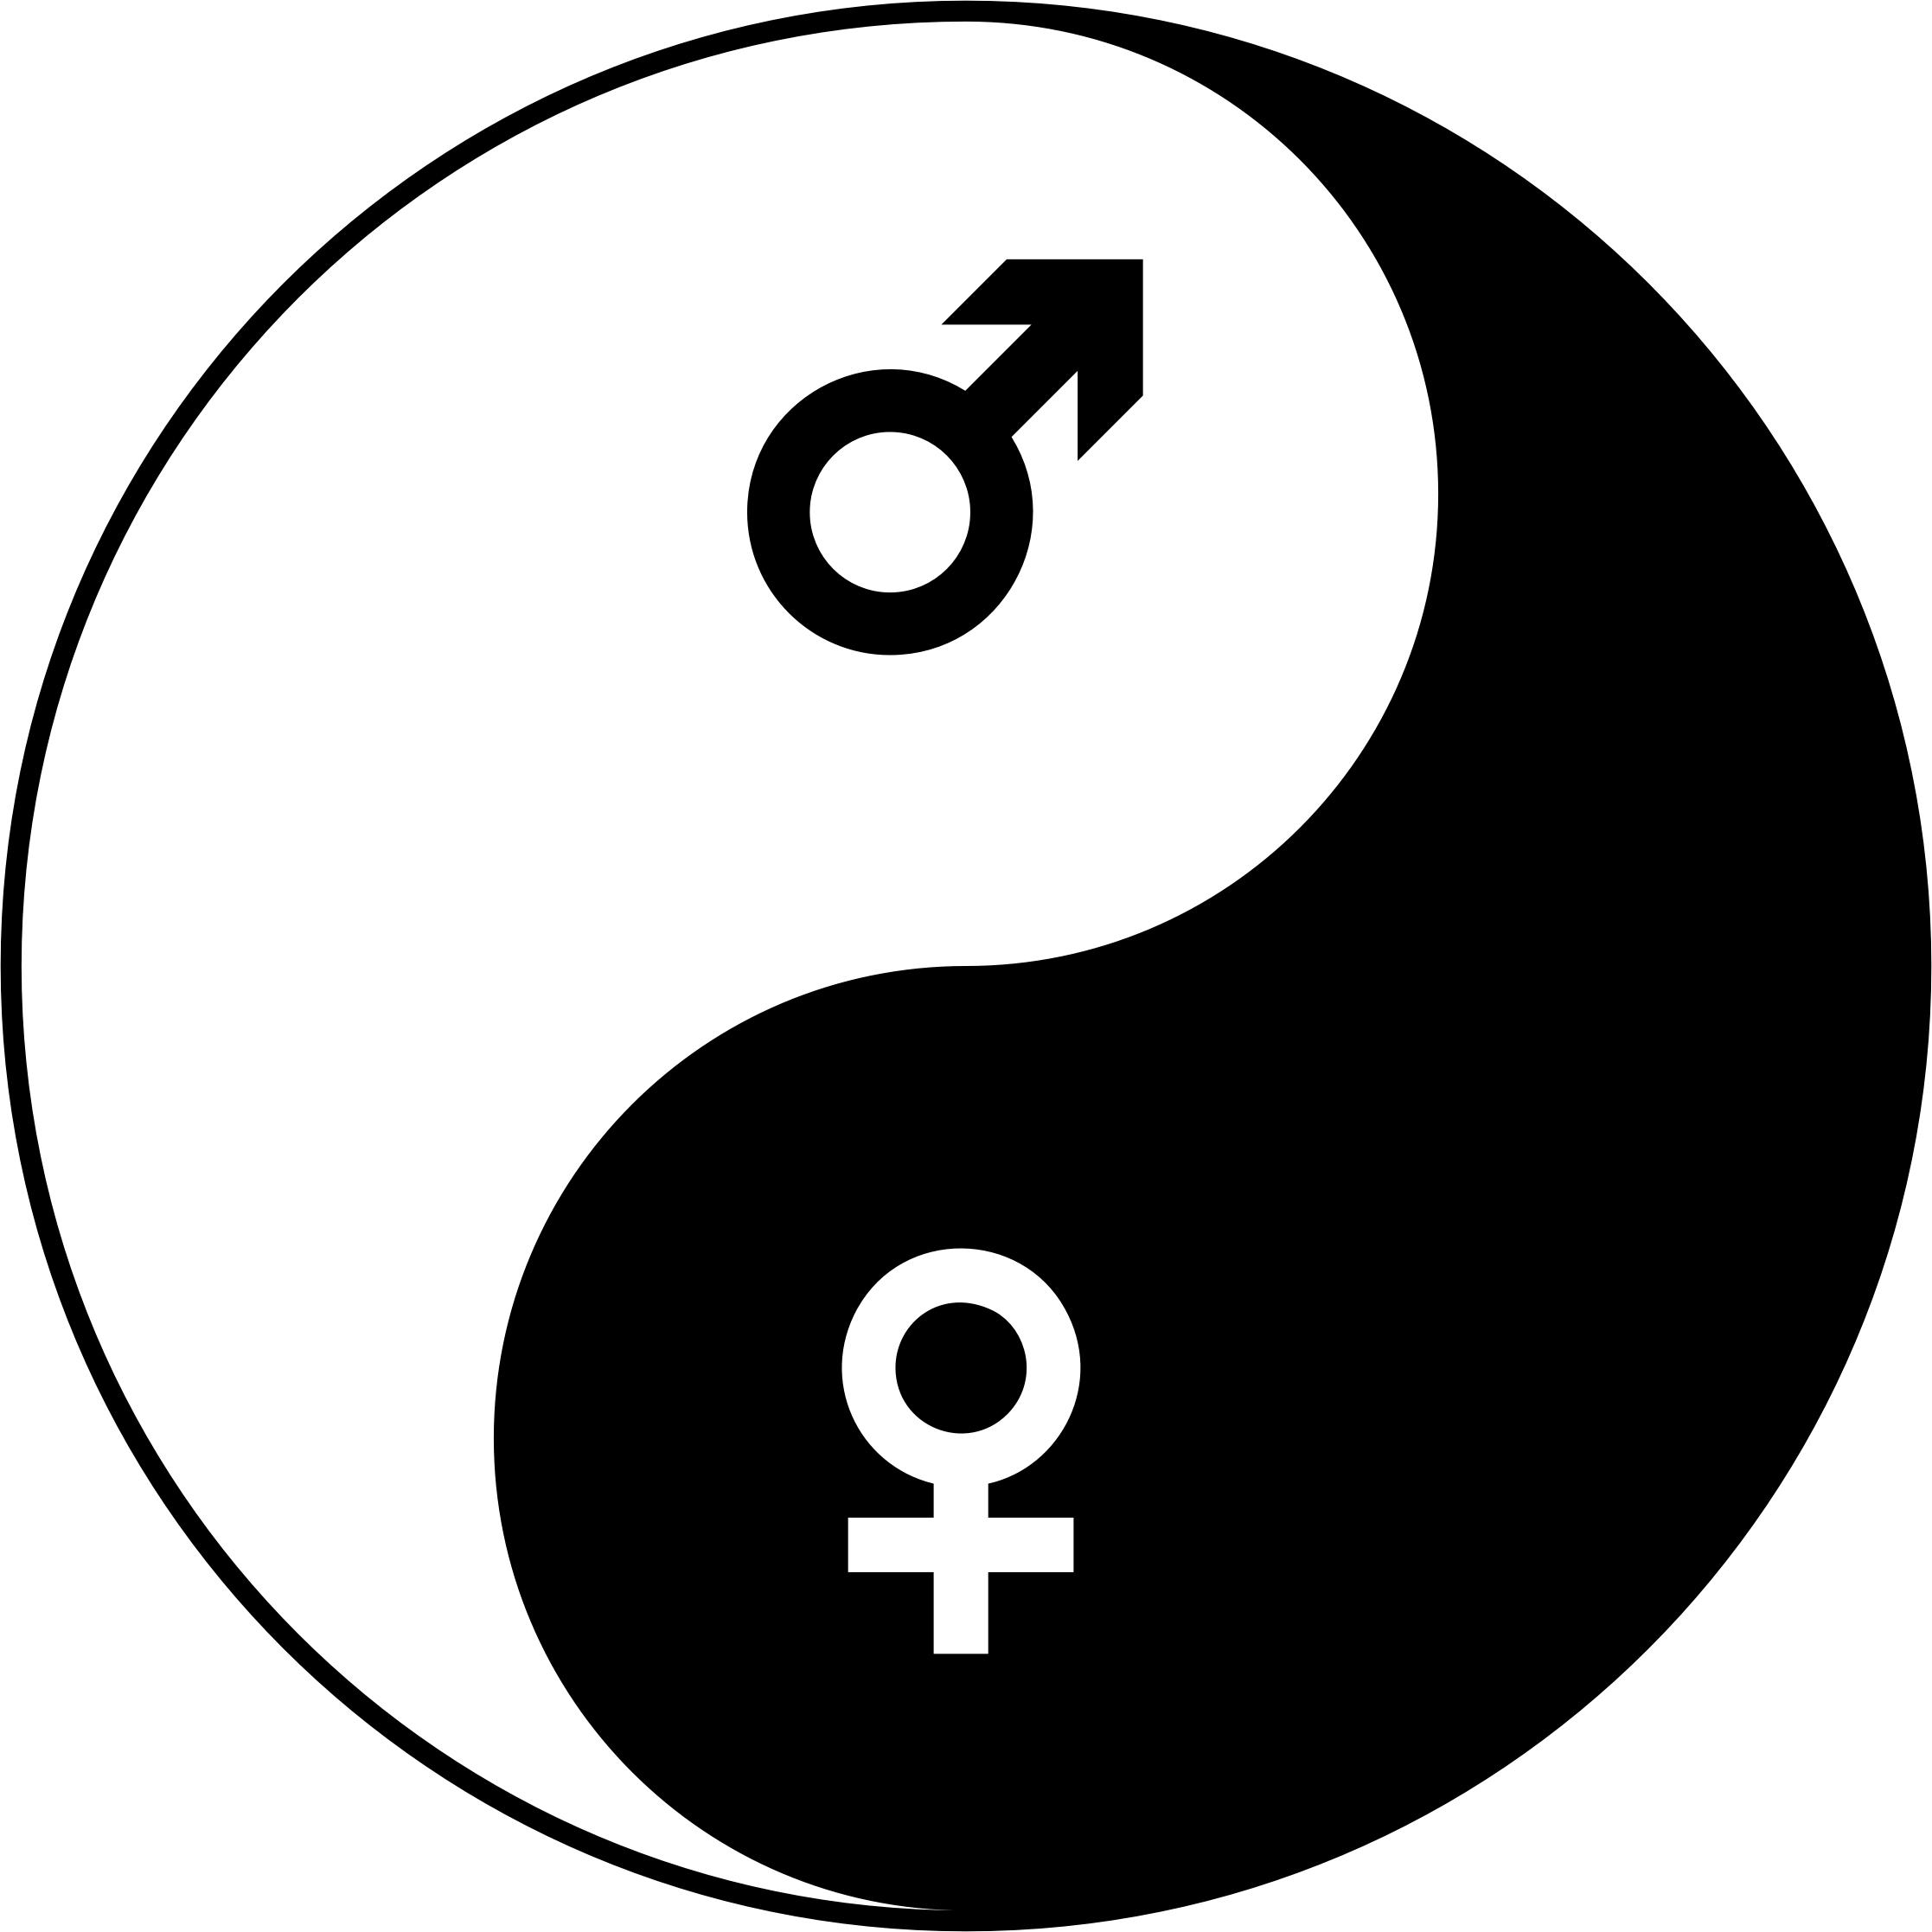 2234x2234 Free Yin Yang Icons Png, Y N Yang Images